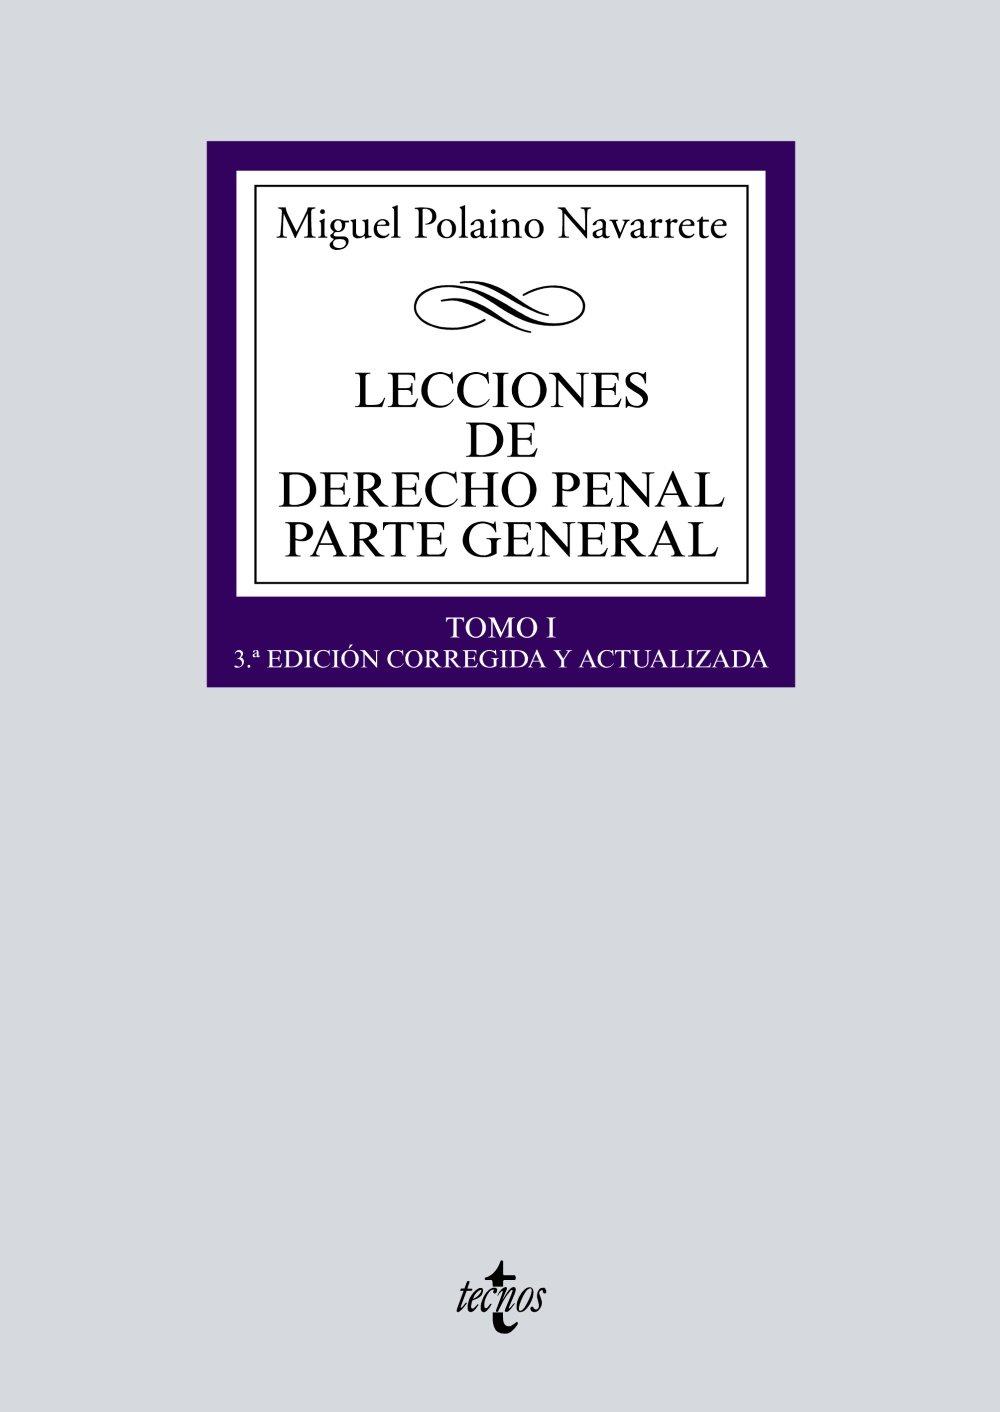 Lecciones de Derecho penal Parte general: Tomo I Derecho - Biblioteca Universitaria De Editorial Tecnos: Amazon.es: Polaino Navarrete, Miguel: Libros